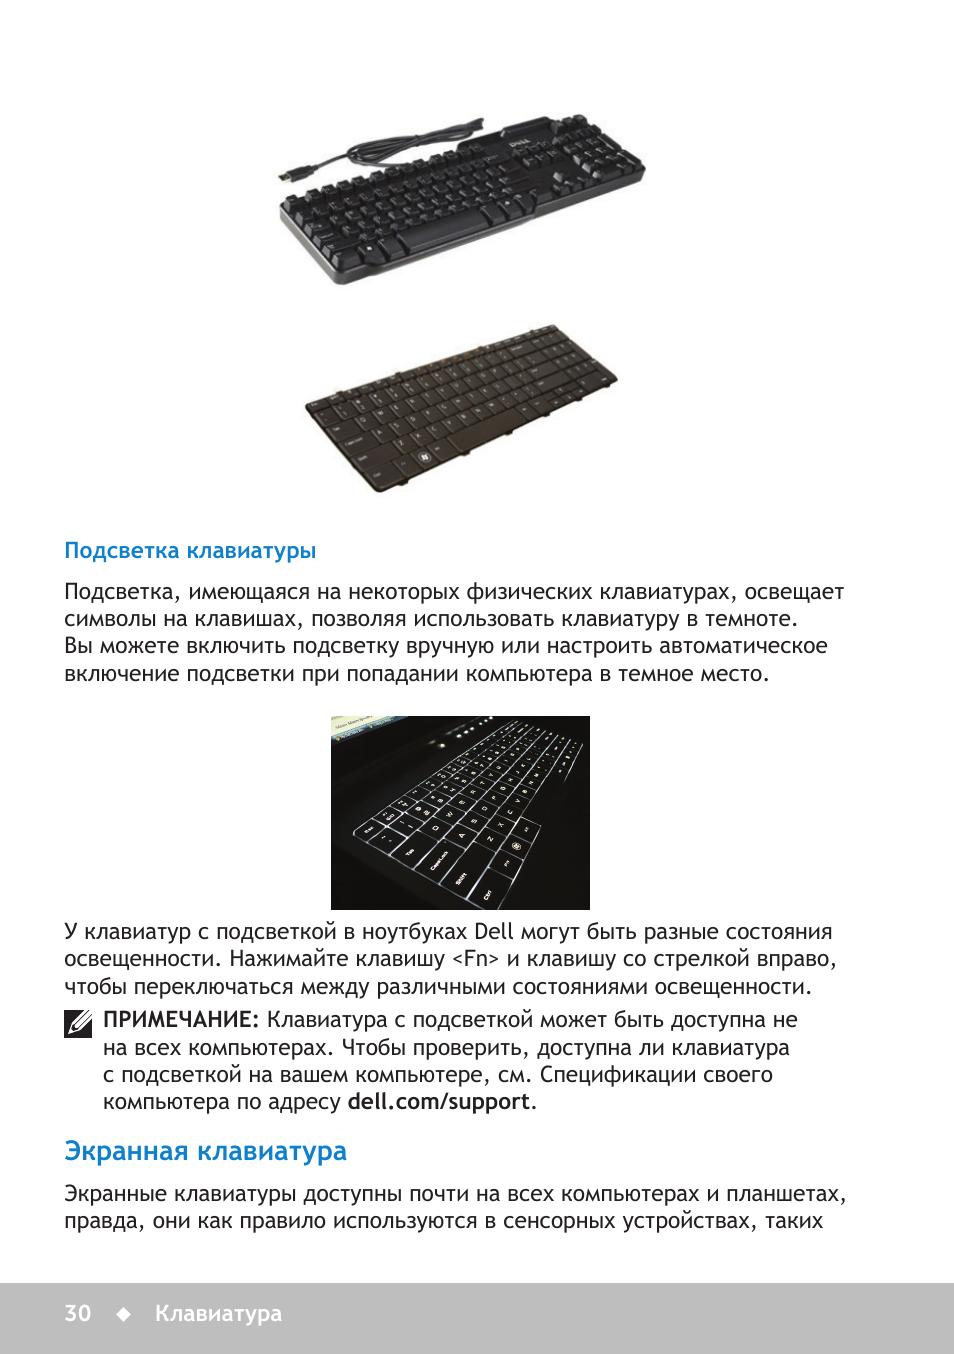 Подсветка клавиатуры, Экранная клавиатура, Подсветка